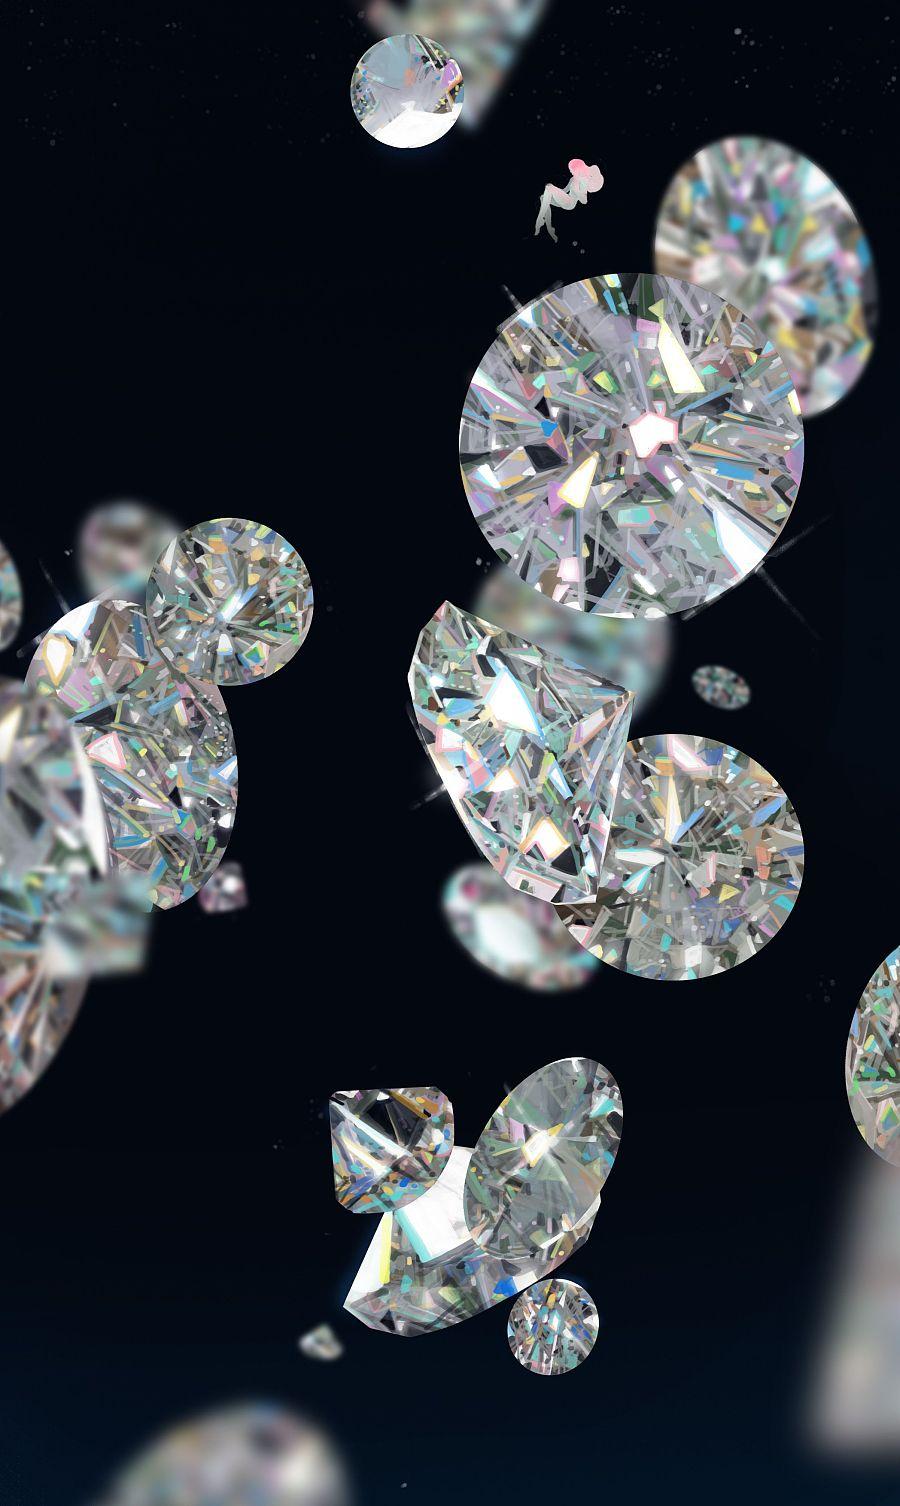 查看《宝石宇宙》原图,原图尺寸:2096x3508